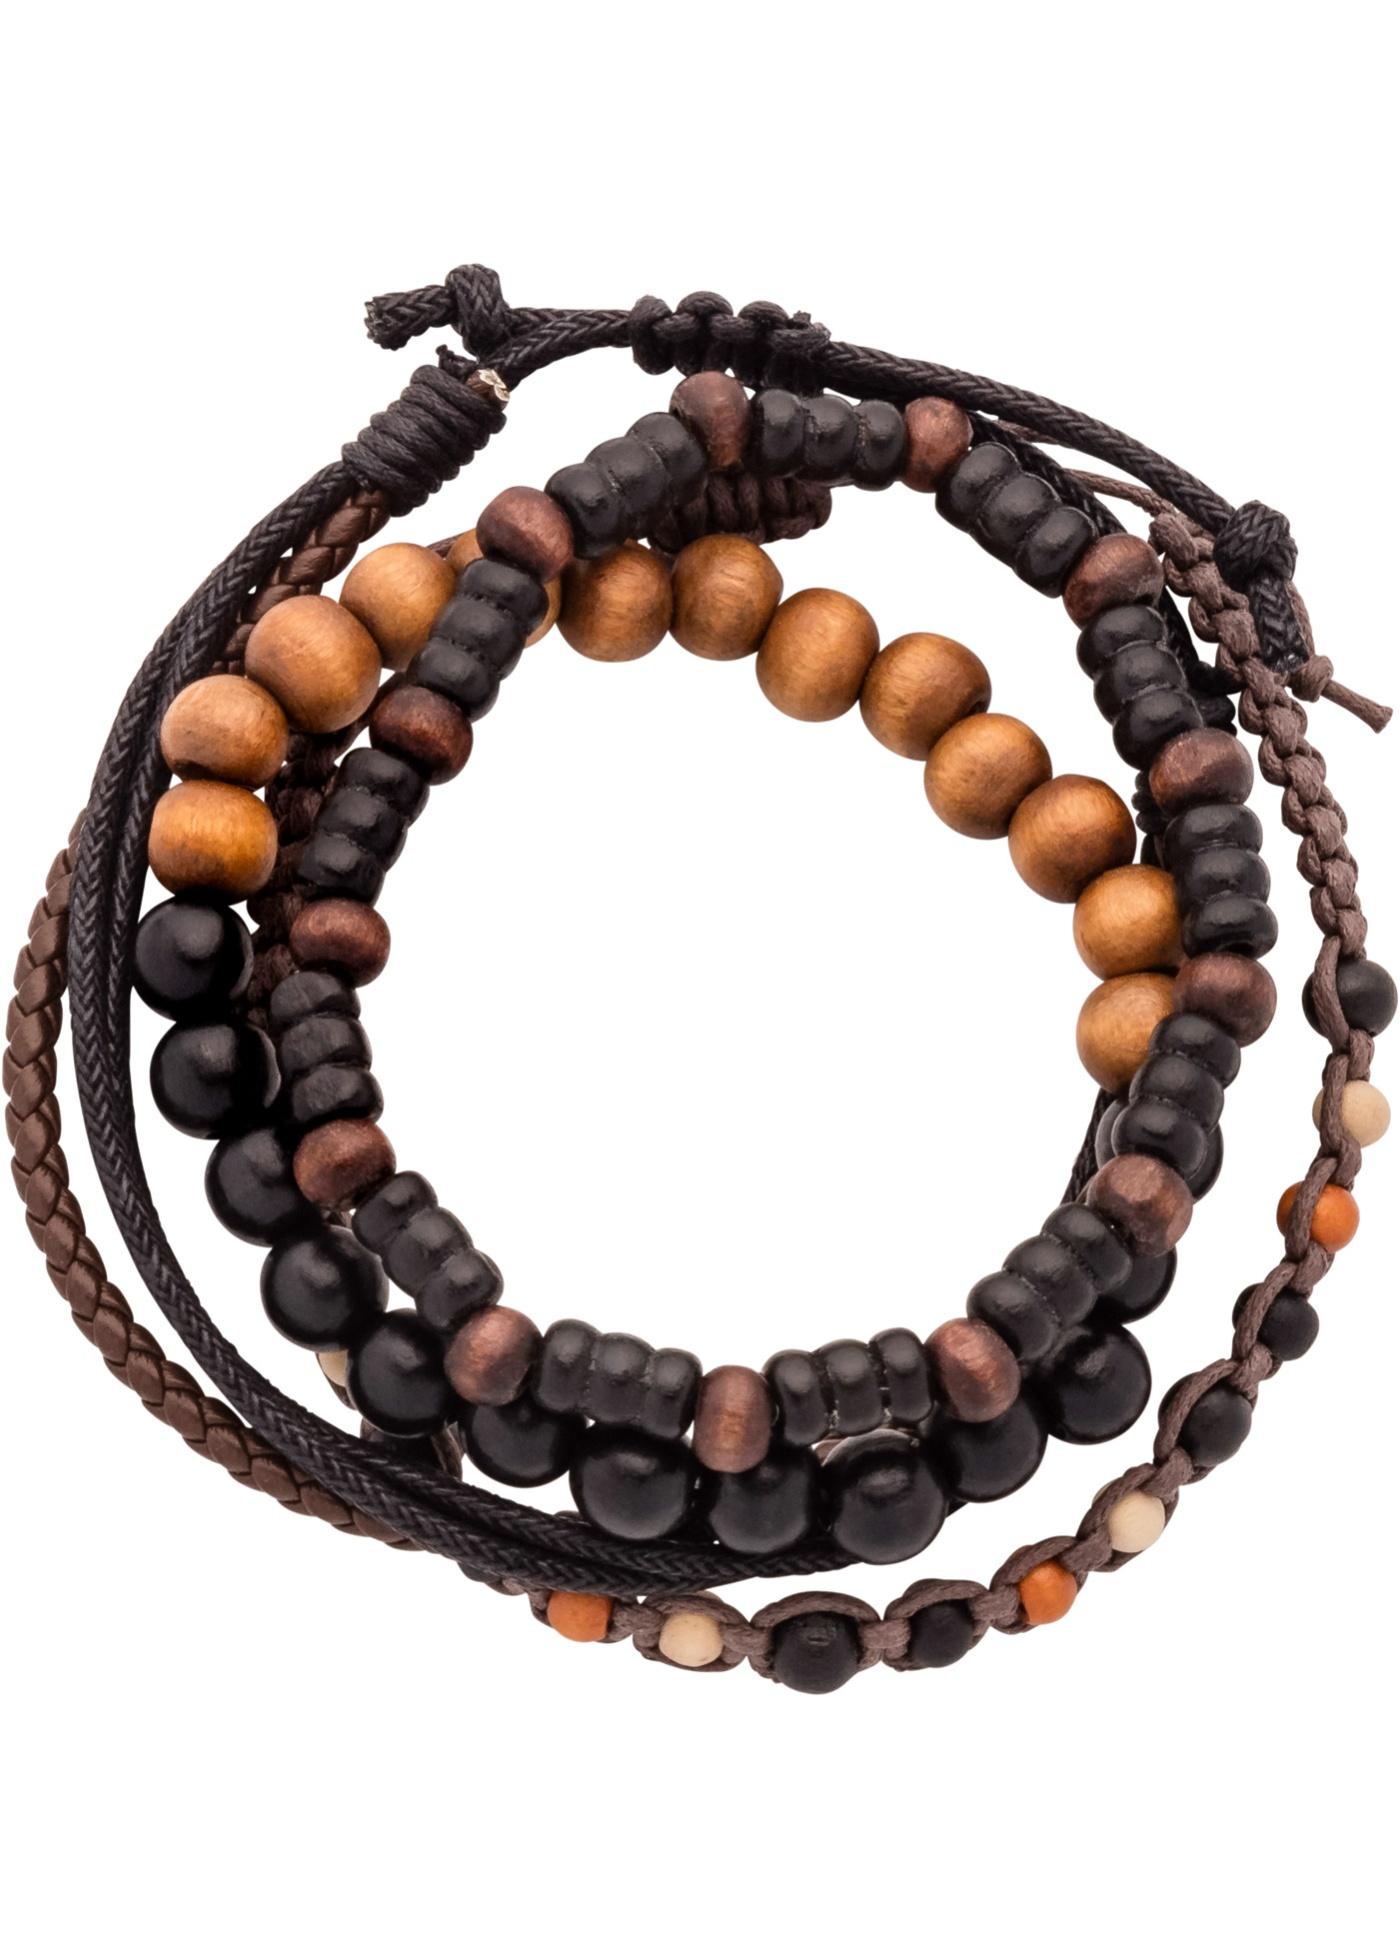 Bracelets noir et marron originaux au look vintage. Tour de poignet env. 22 cm.